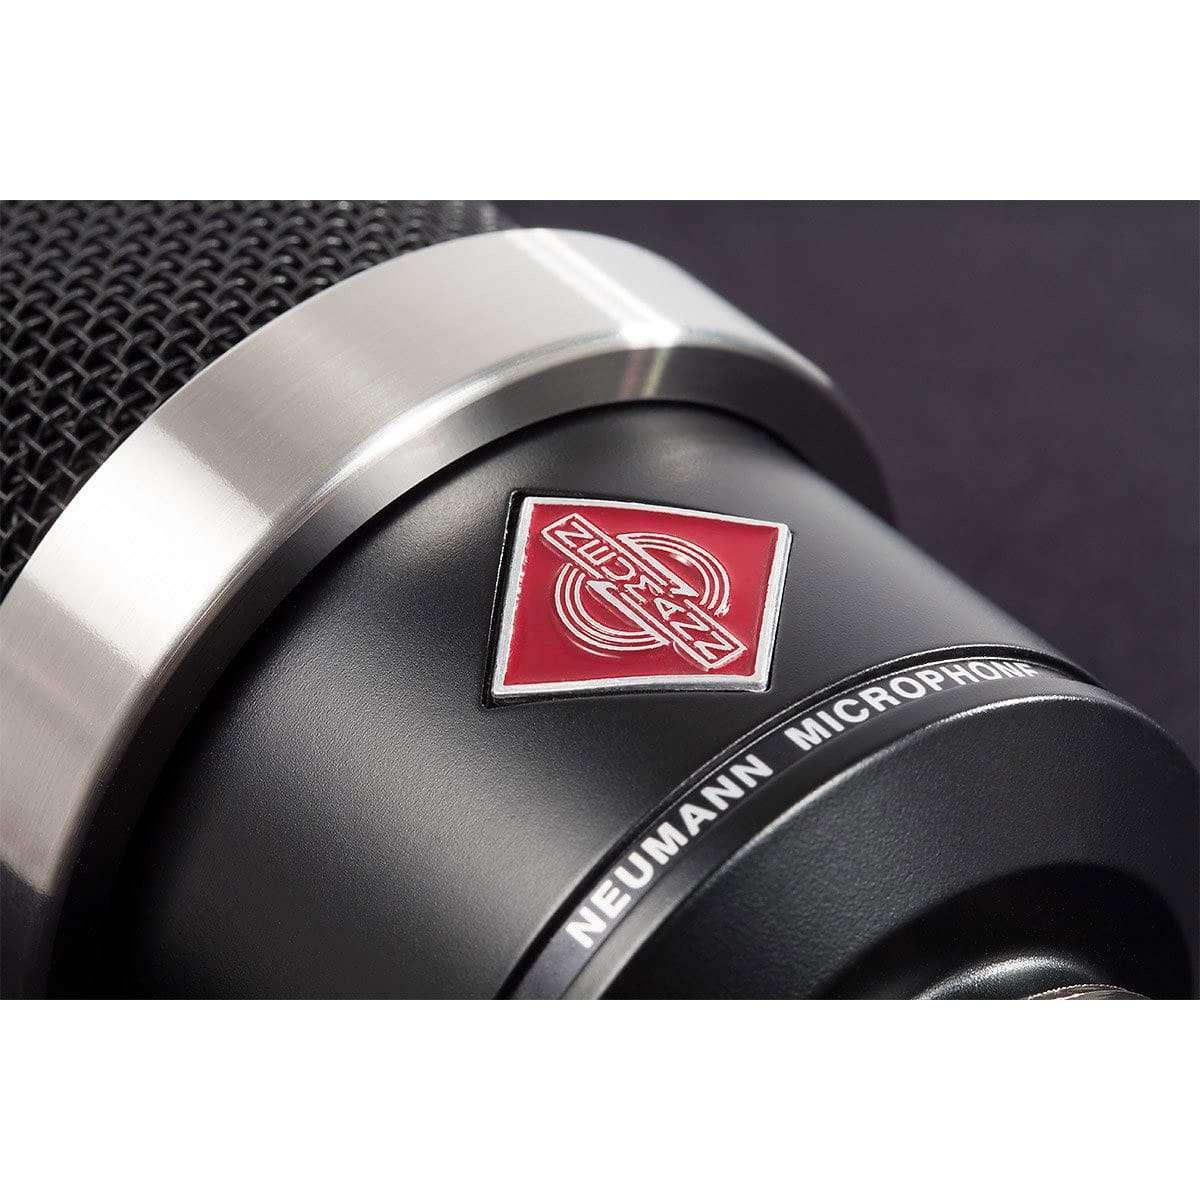 Neumann TLM 102 box 02 Microfoni a Condensatore, Microfoni professionali, Strumentazioni Pro Audio per studi di registrazione